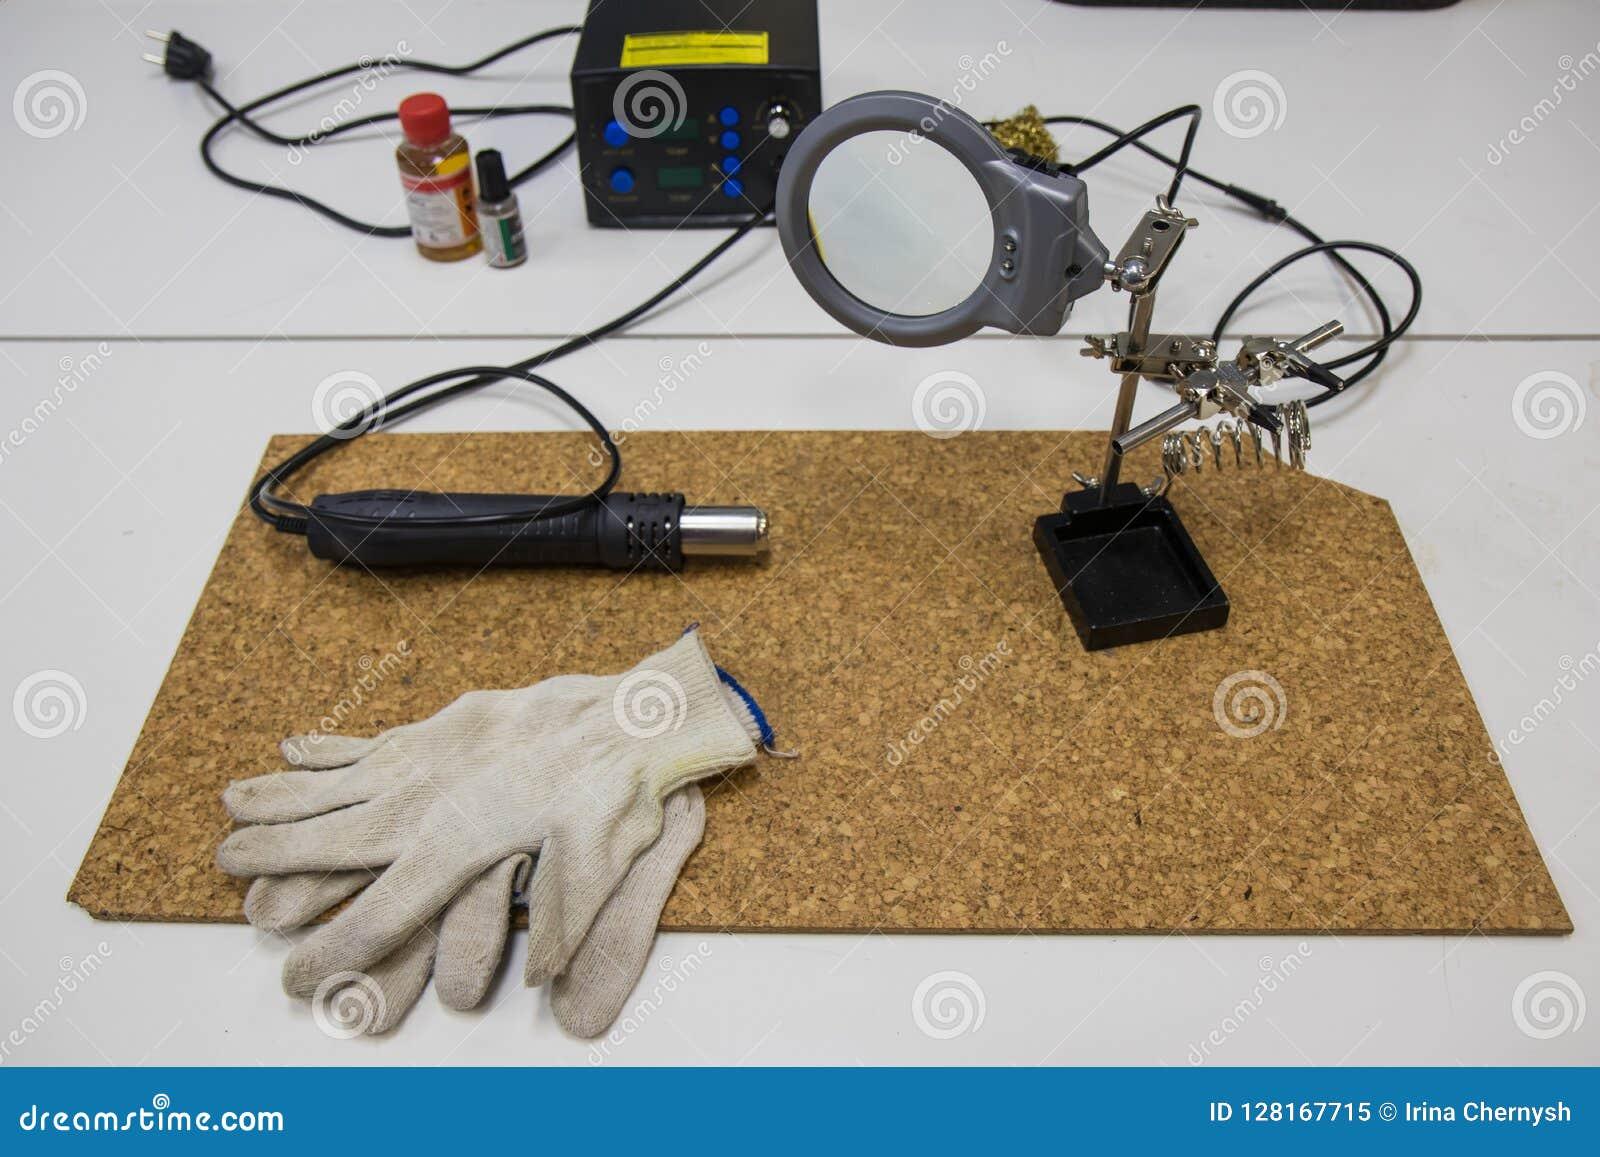 Utrustning för experiment